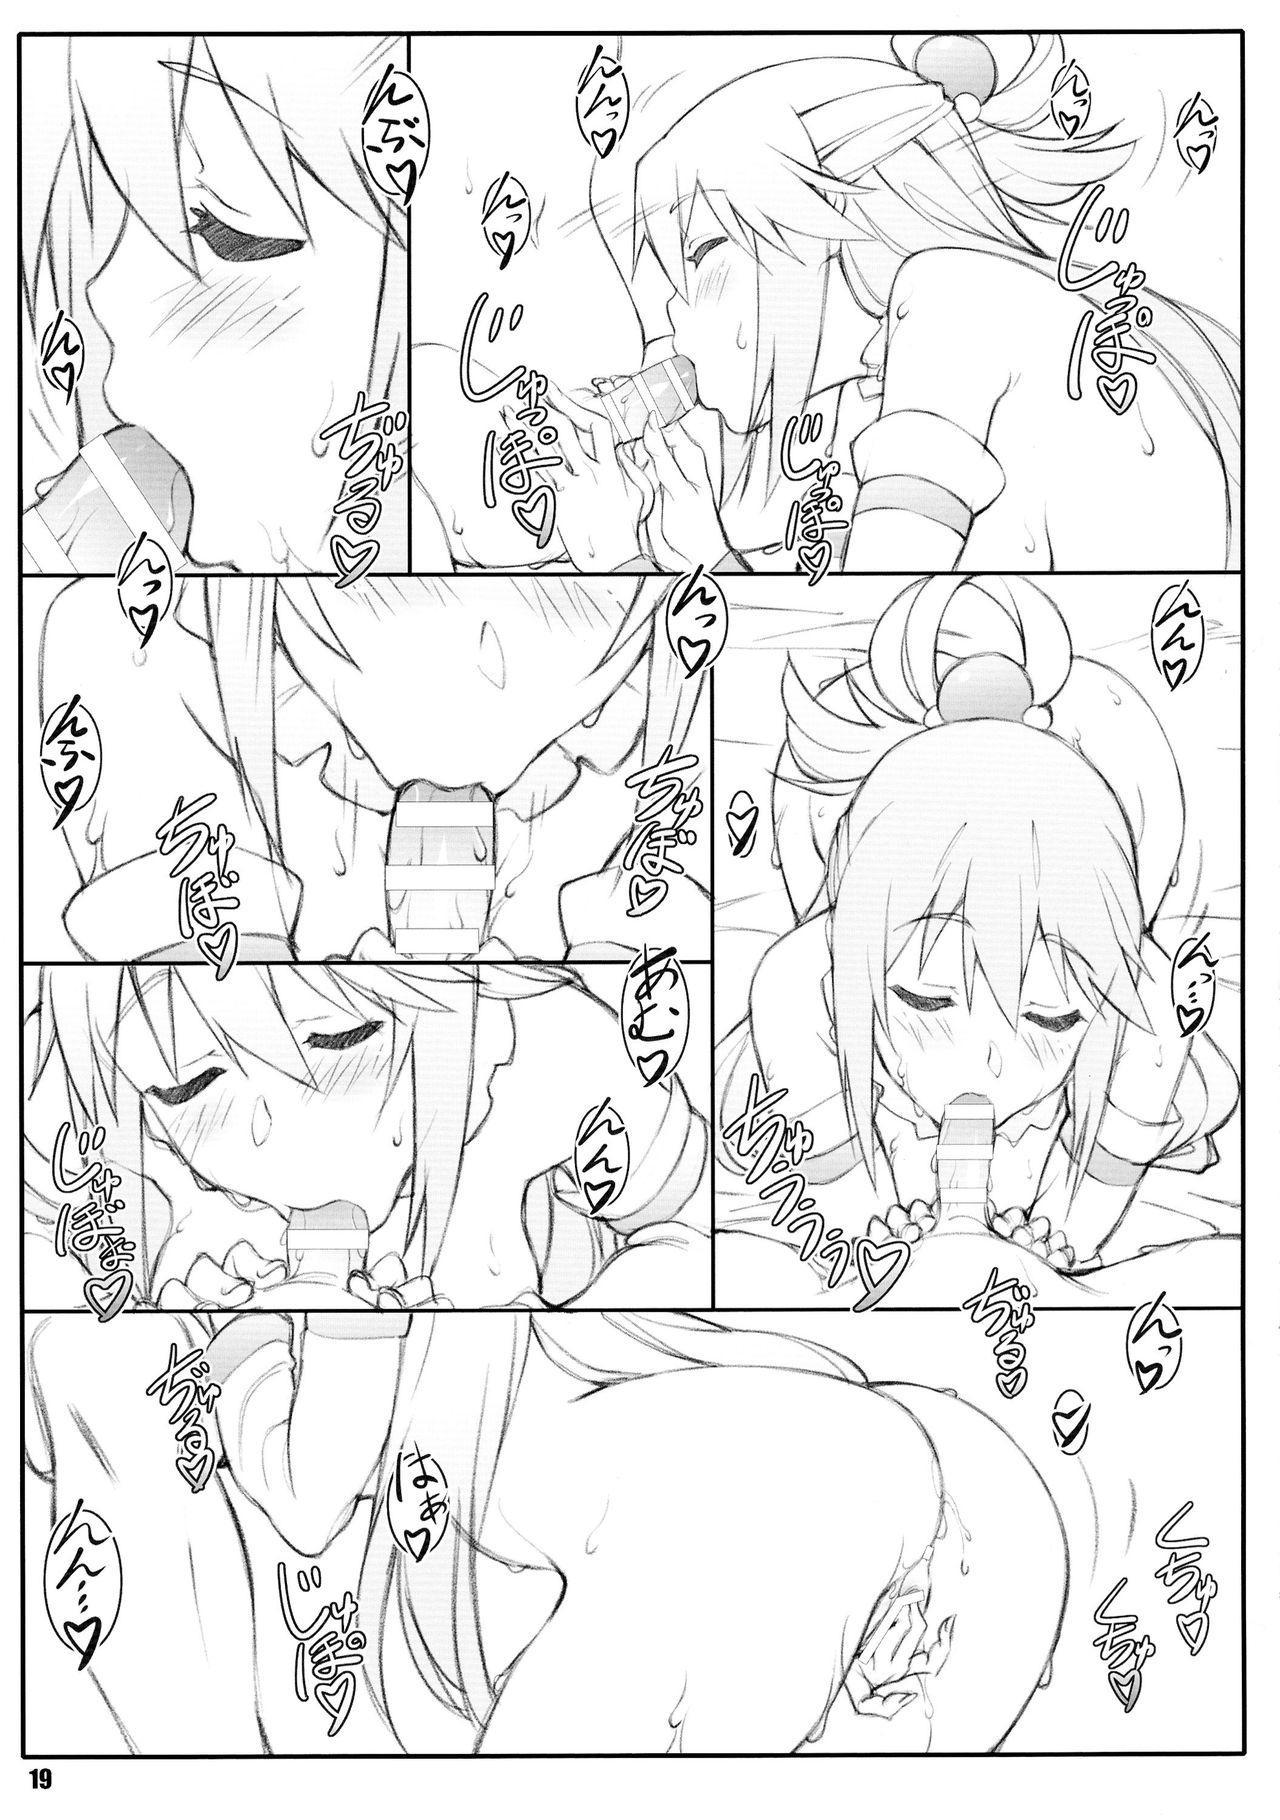 Noro Chizu I 18